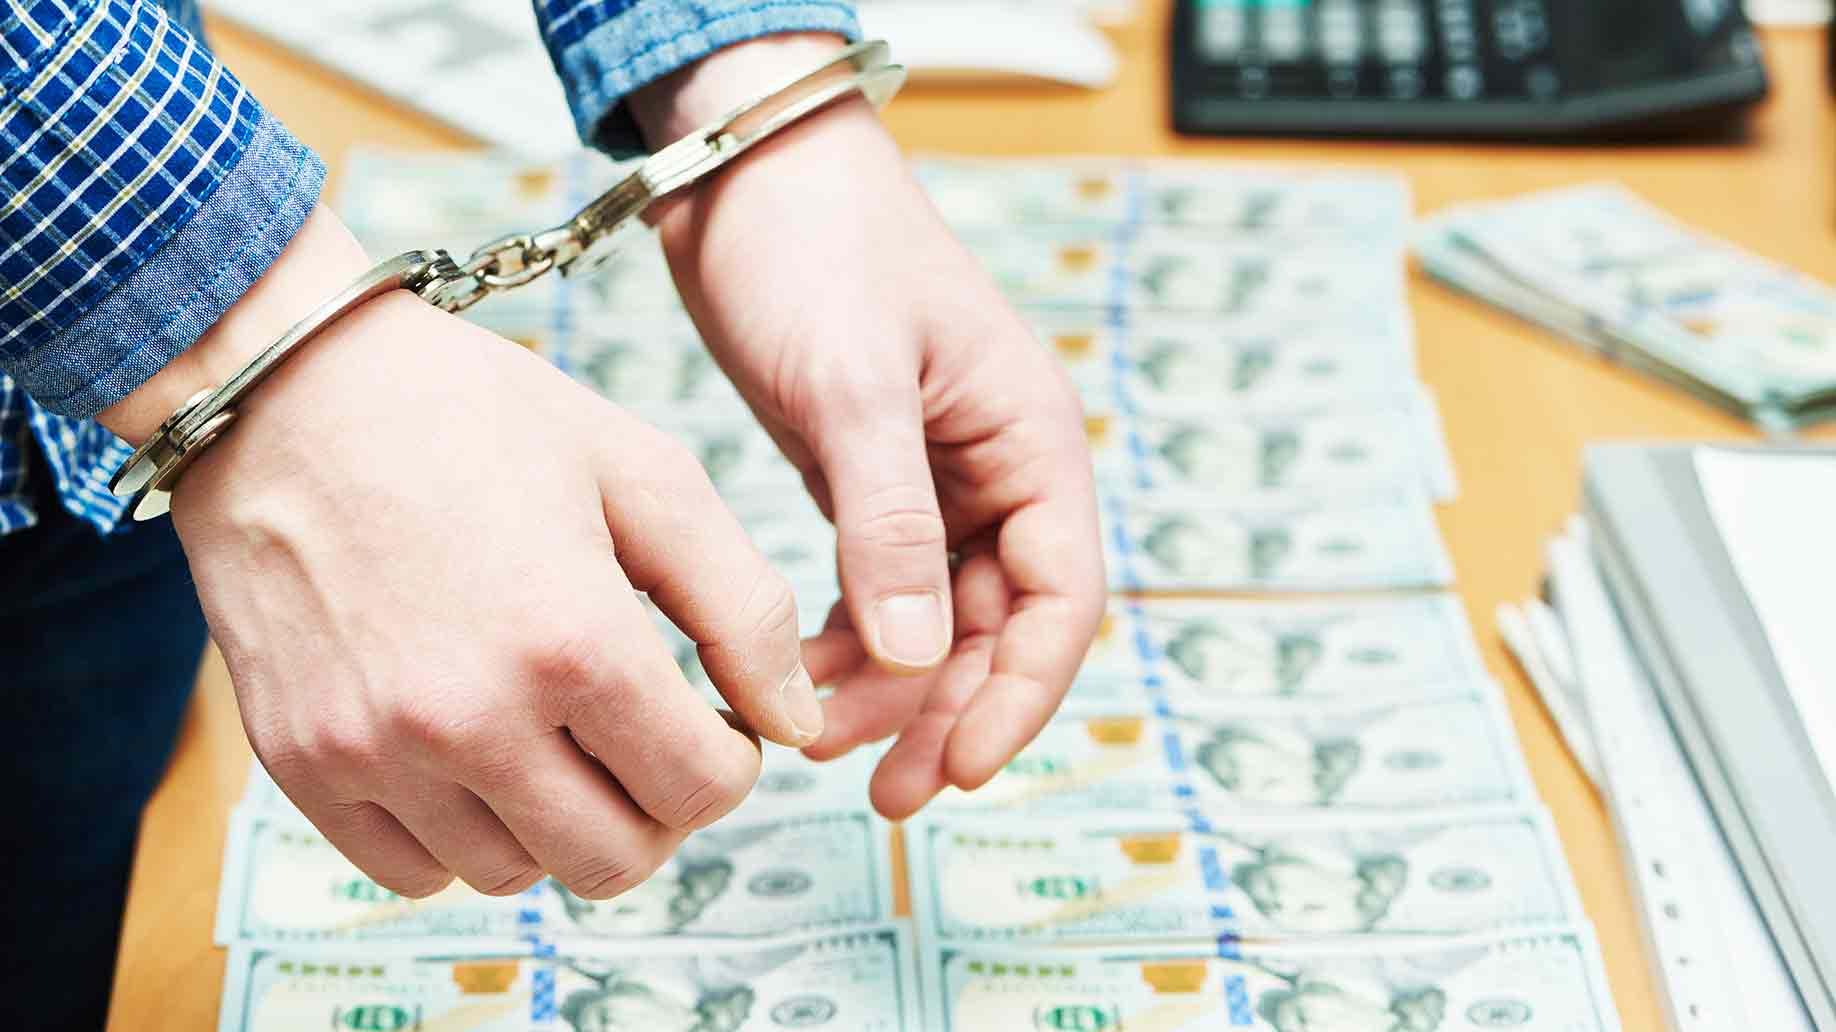 common money laundering schemes